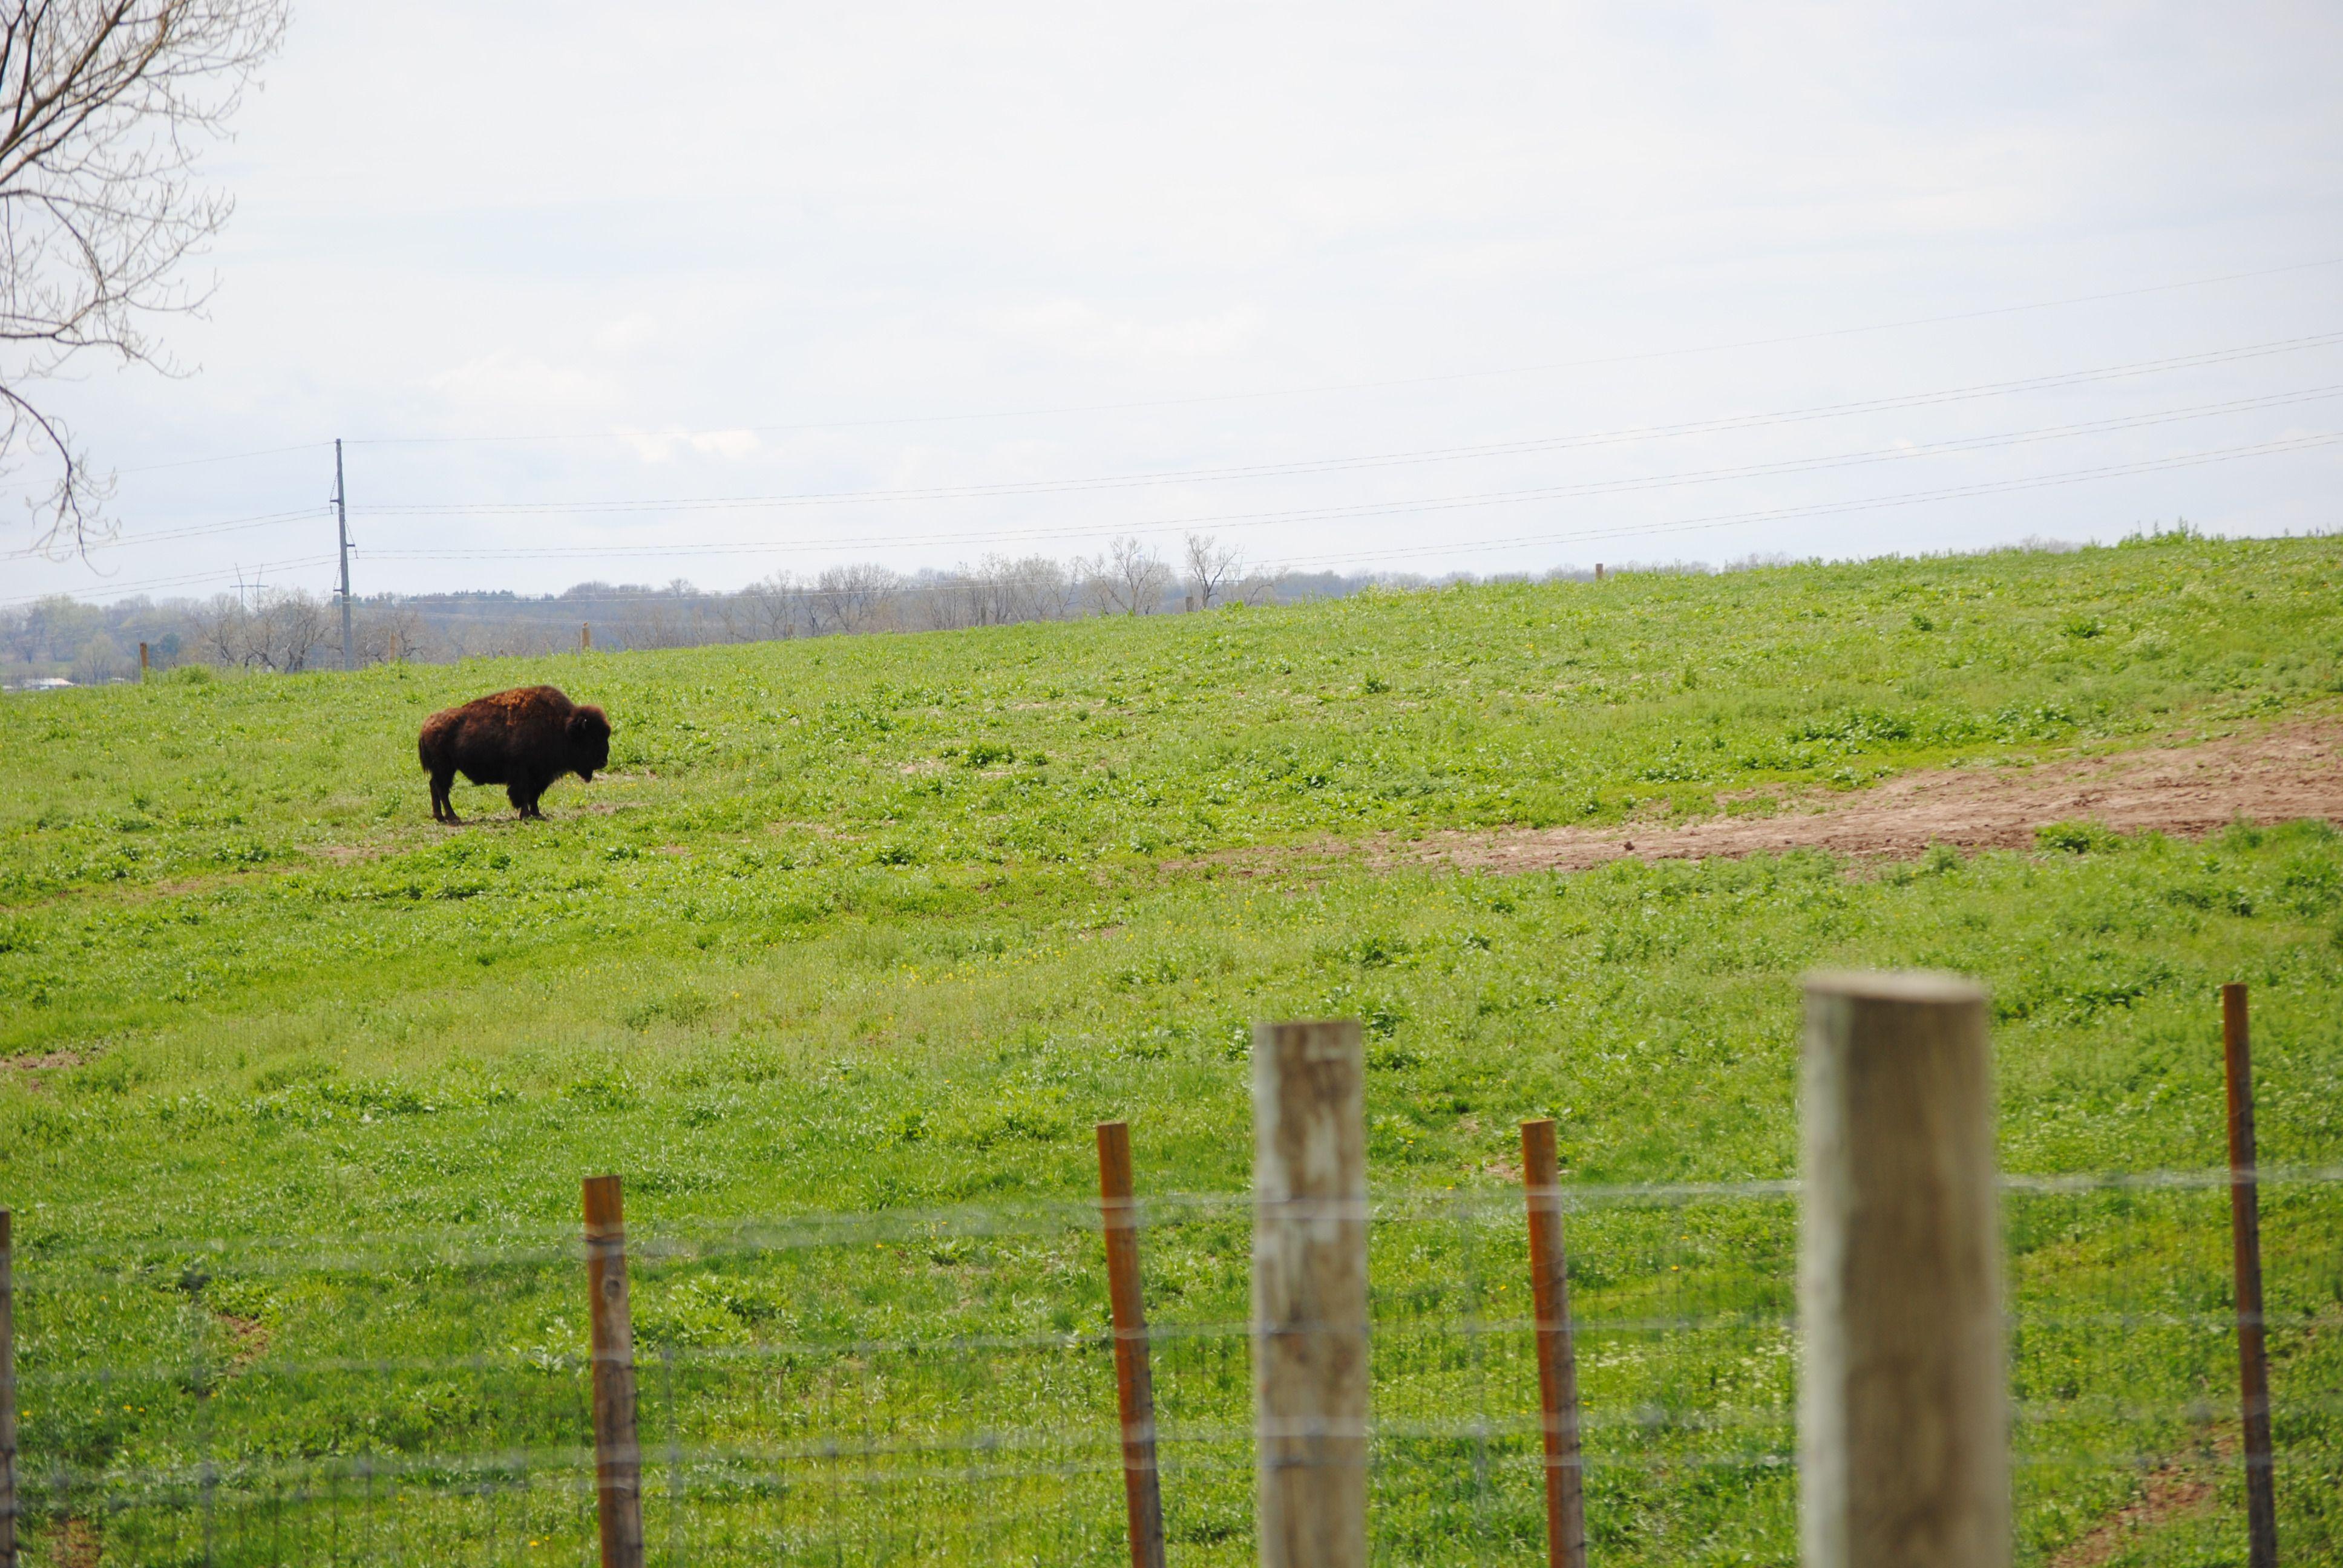 Bison photo by Adrian Olivera